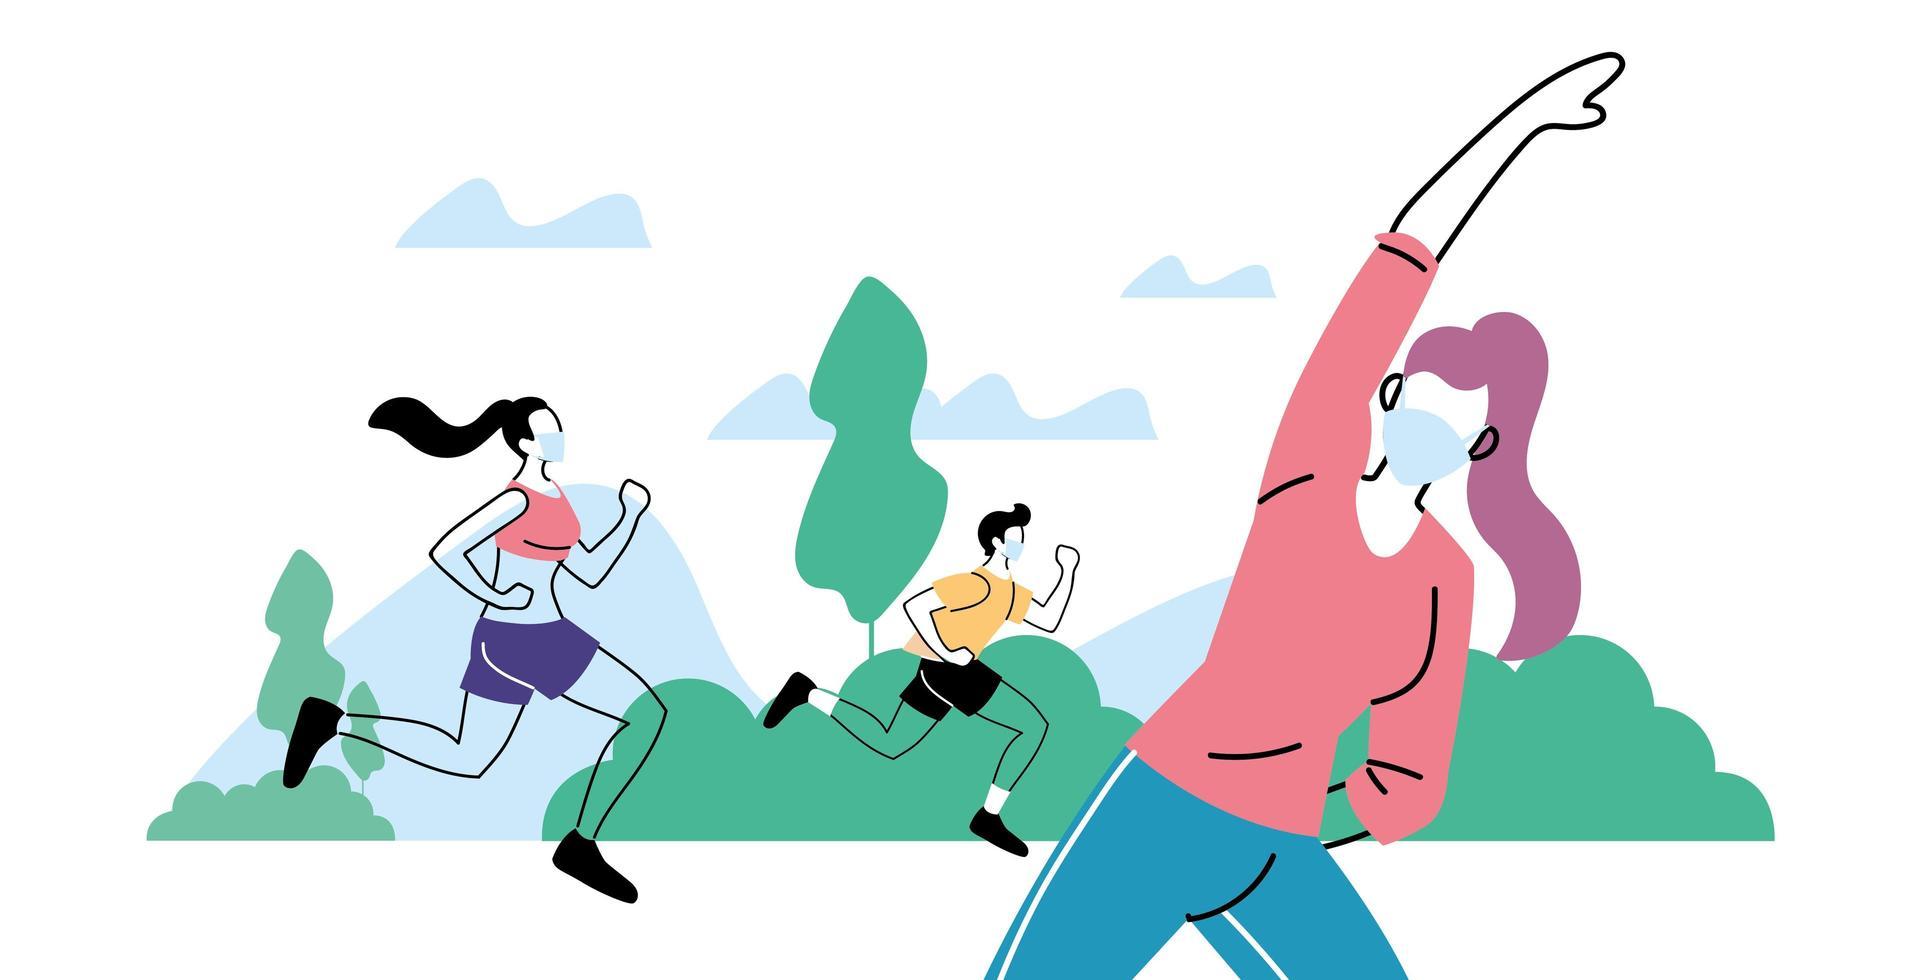 jeunes faisant de l'activité physique à l'extérieur dans le parc, mode de vie sain et forme physique vecteur